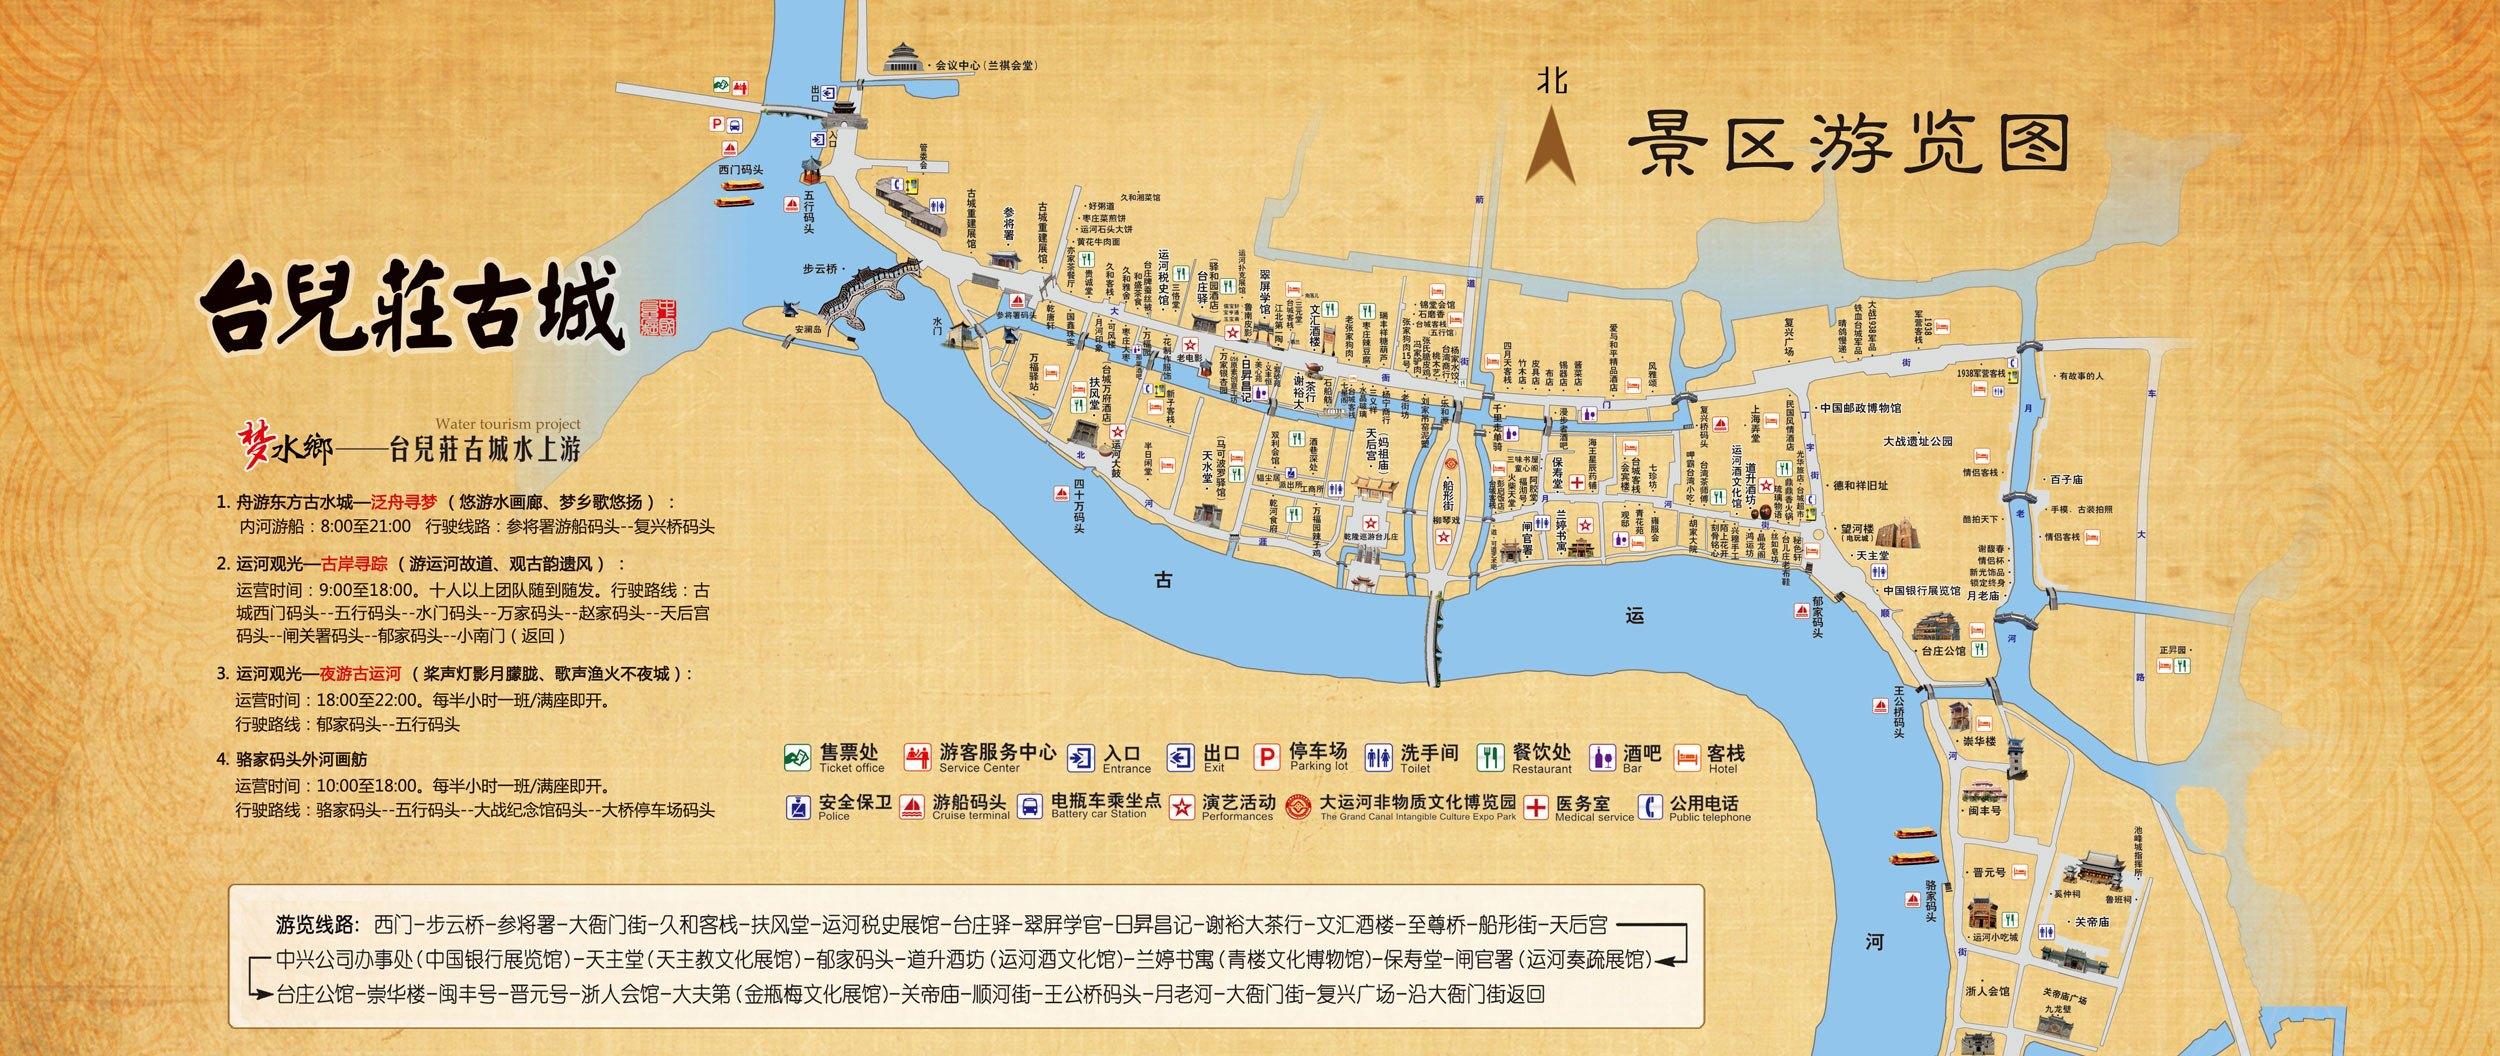 济南古城区地图